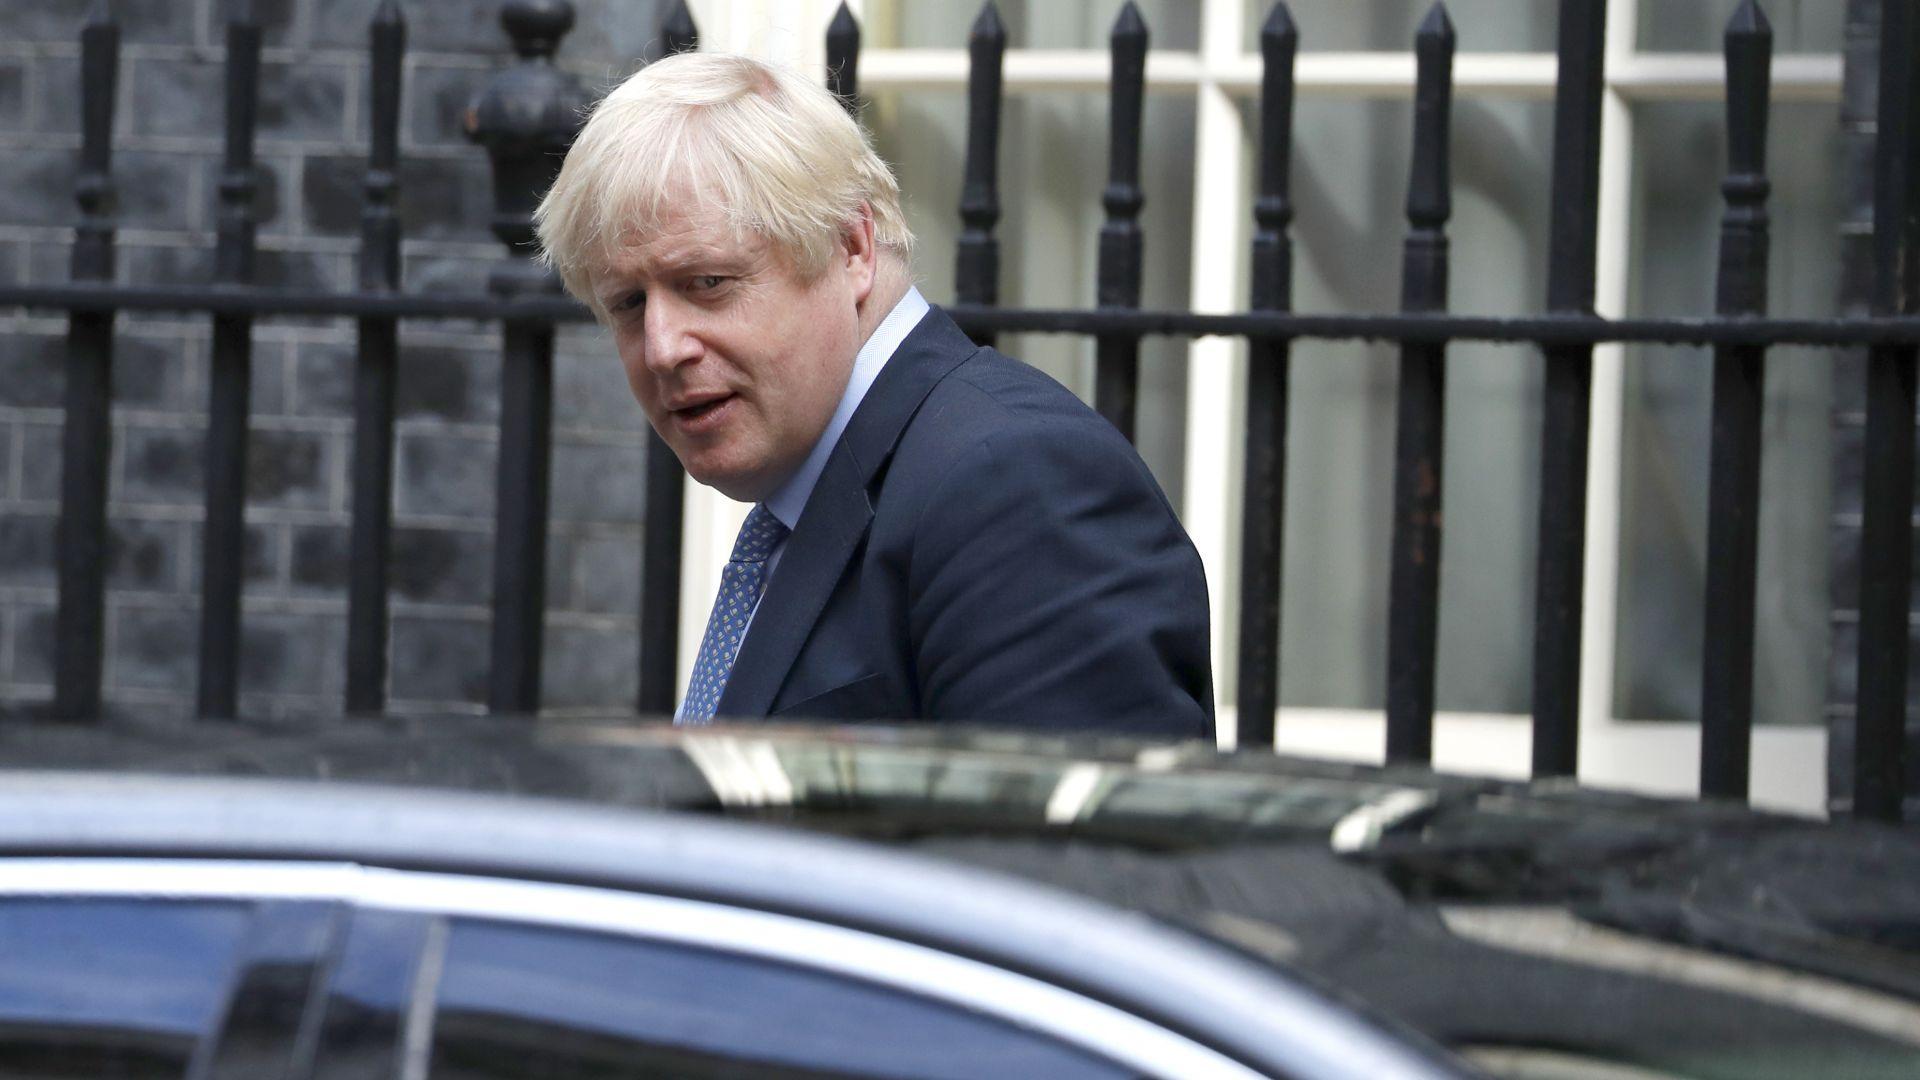 Сблъсъкът в Лондон този вторник (03.09.) бе ожесточен. Борис Джонсън